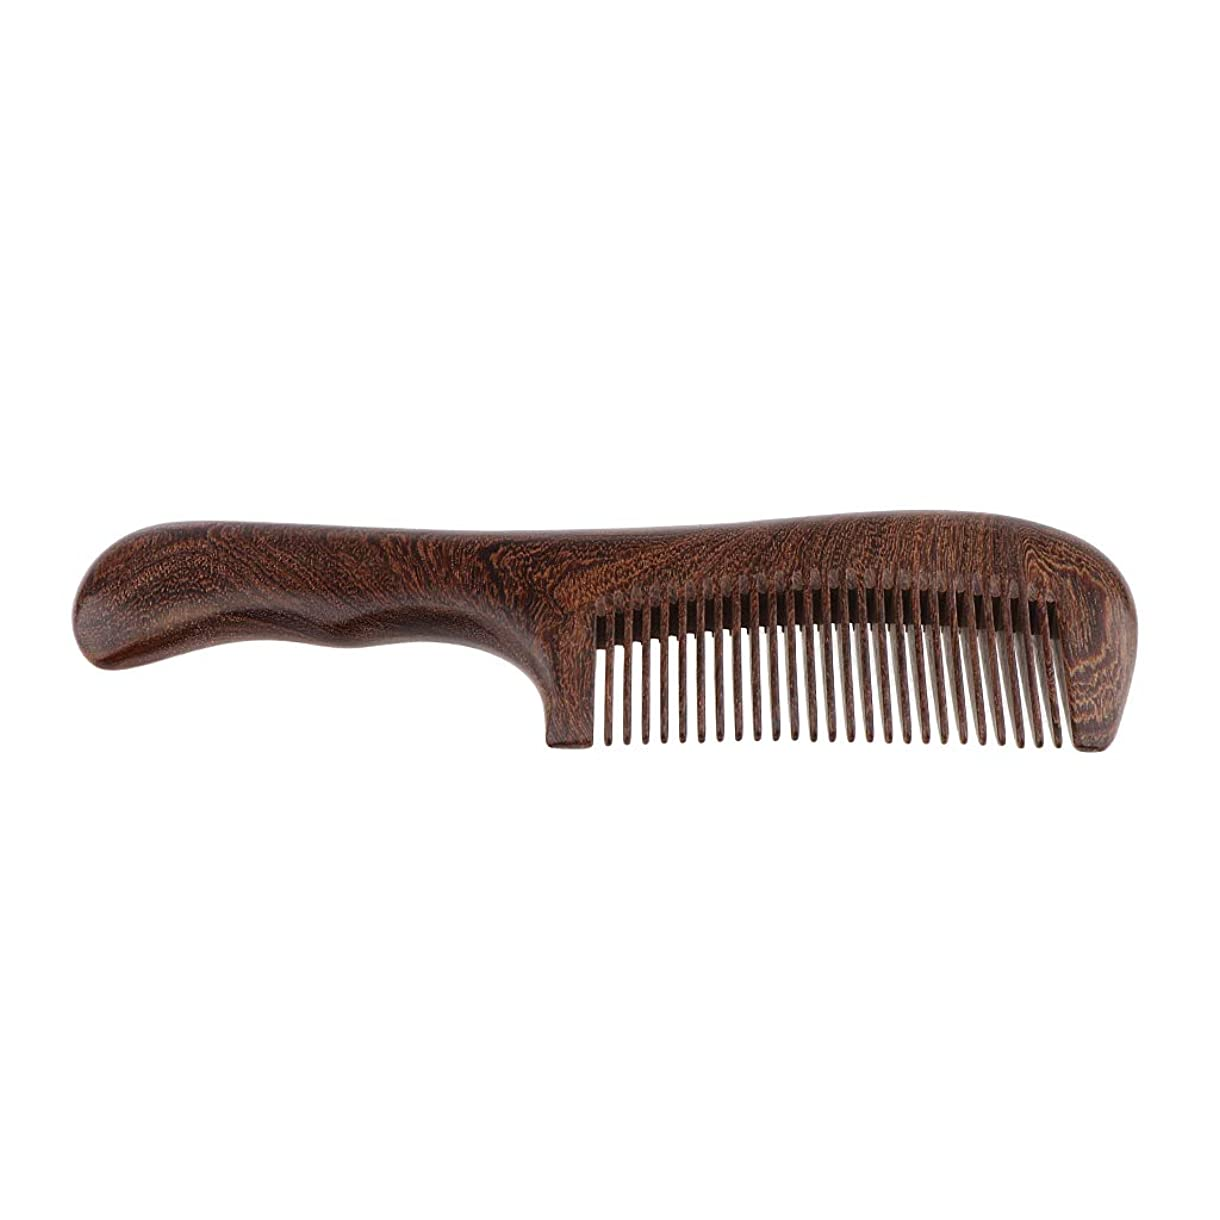 ウナギインタフェースメンダシティSM SunniMix 木製櫛 手作り ヘアブラシ ウッドコーム ハンドヘルド マッサージブラシ 2仕様選べ - 細かい歯